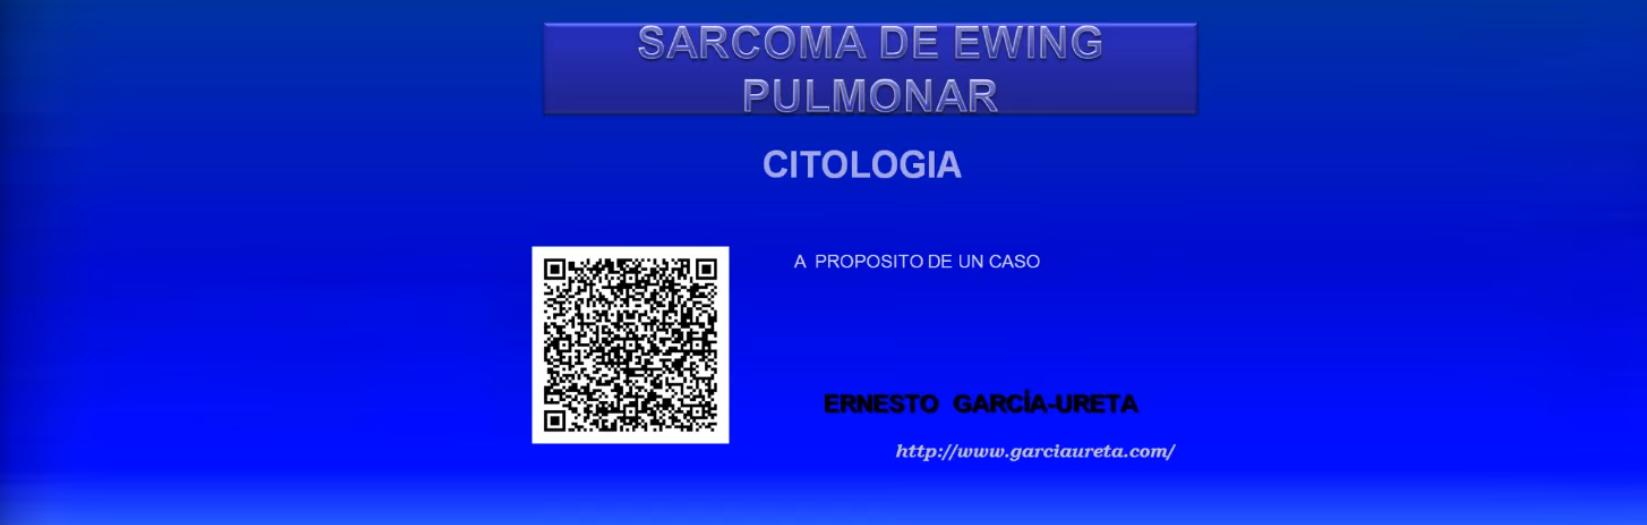 Sarcoma de Ewing pulmonar